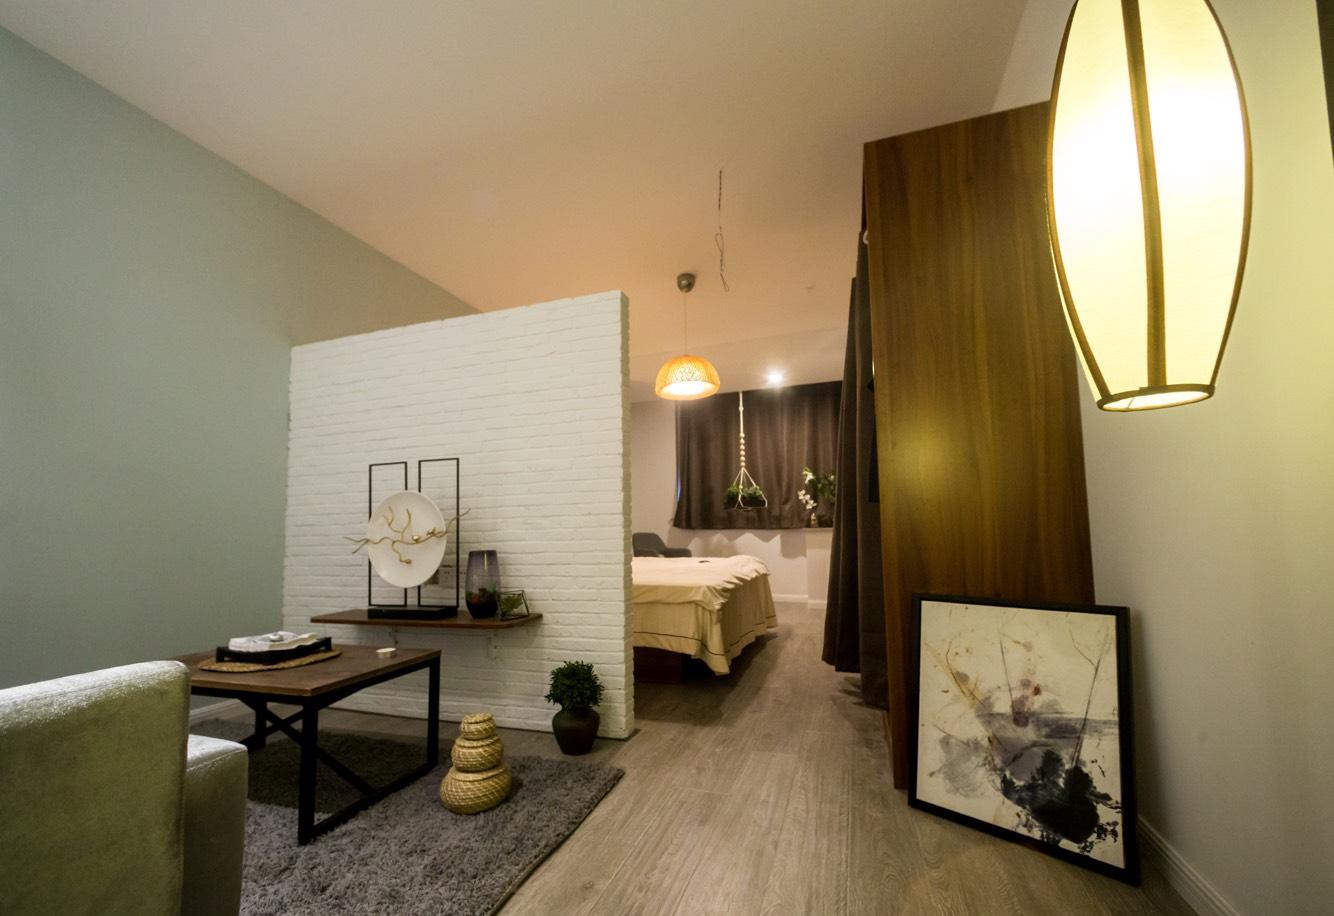 贝客公寓通园路店近双湖广场交通便利家电齐全